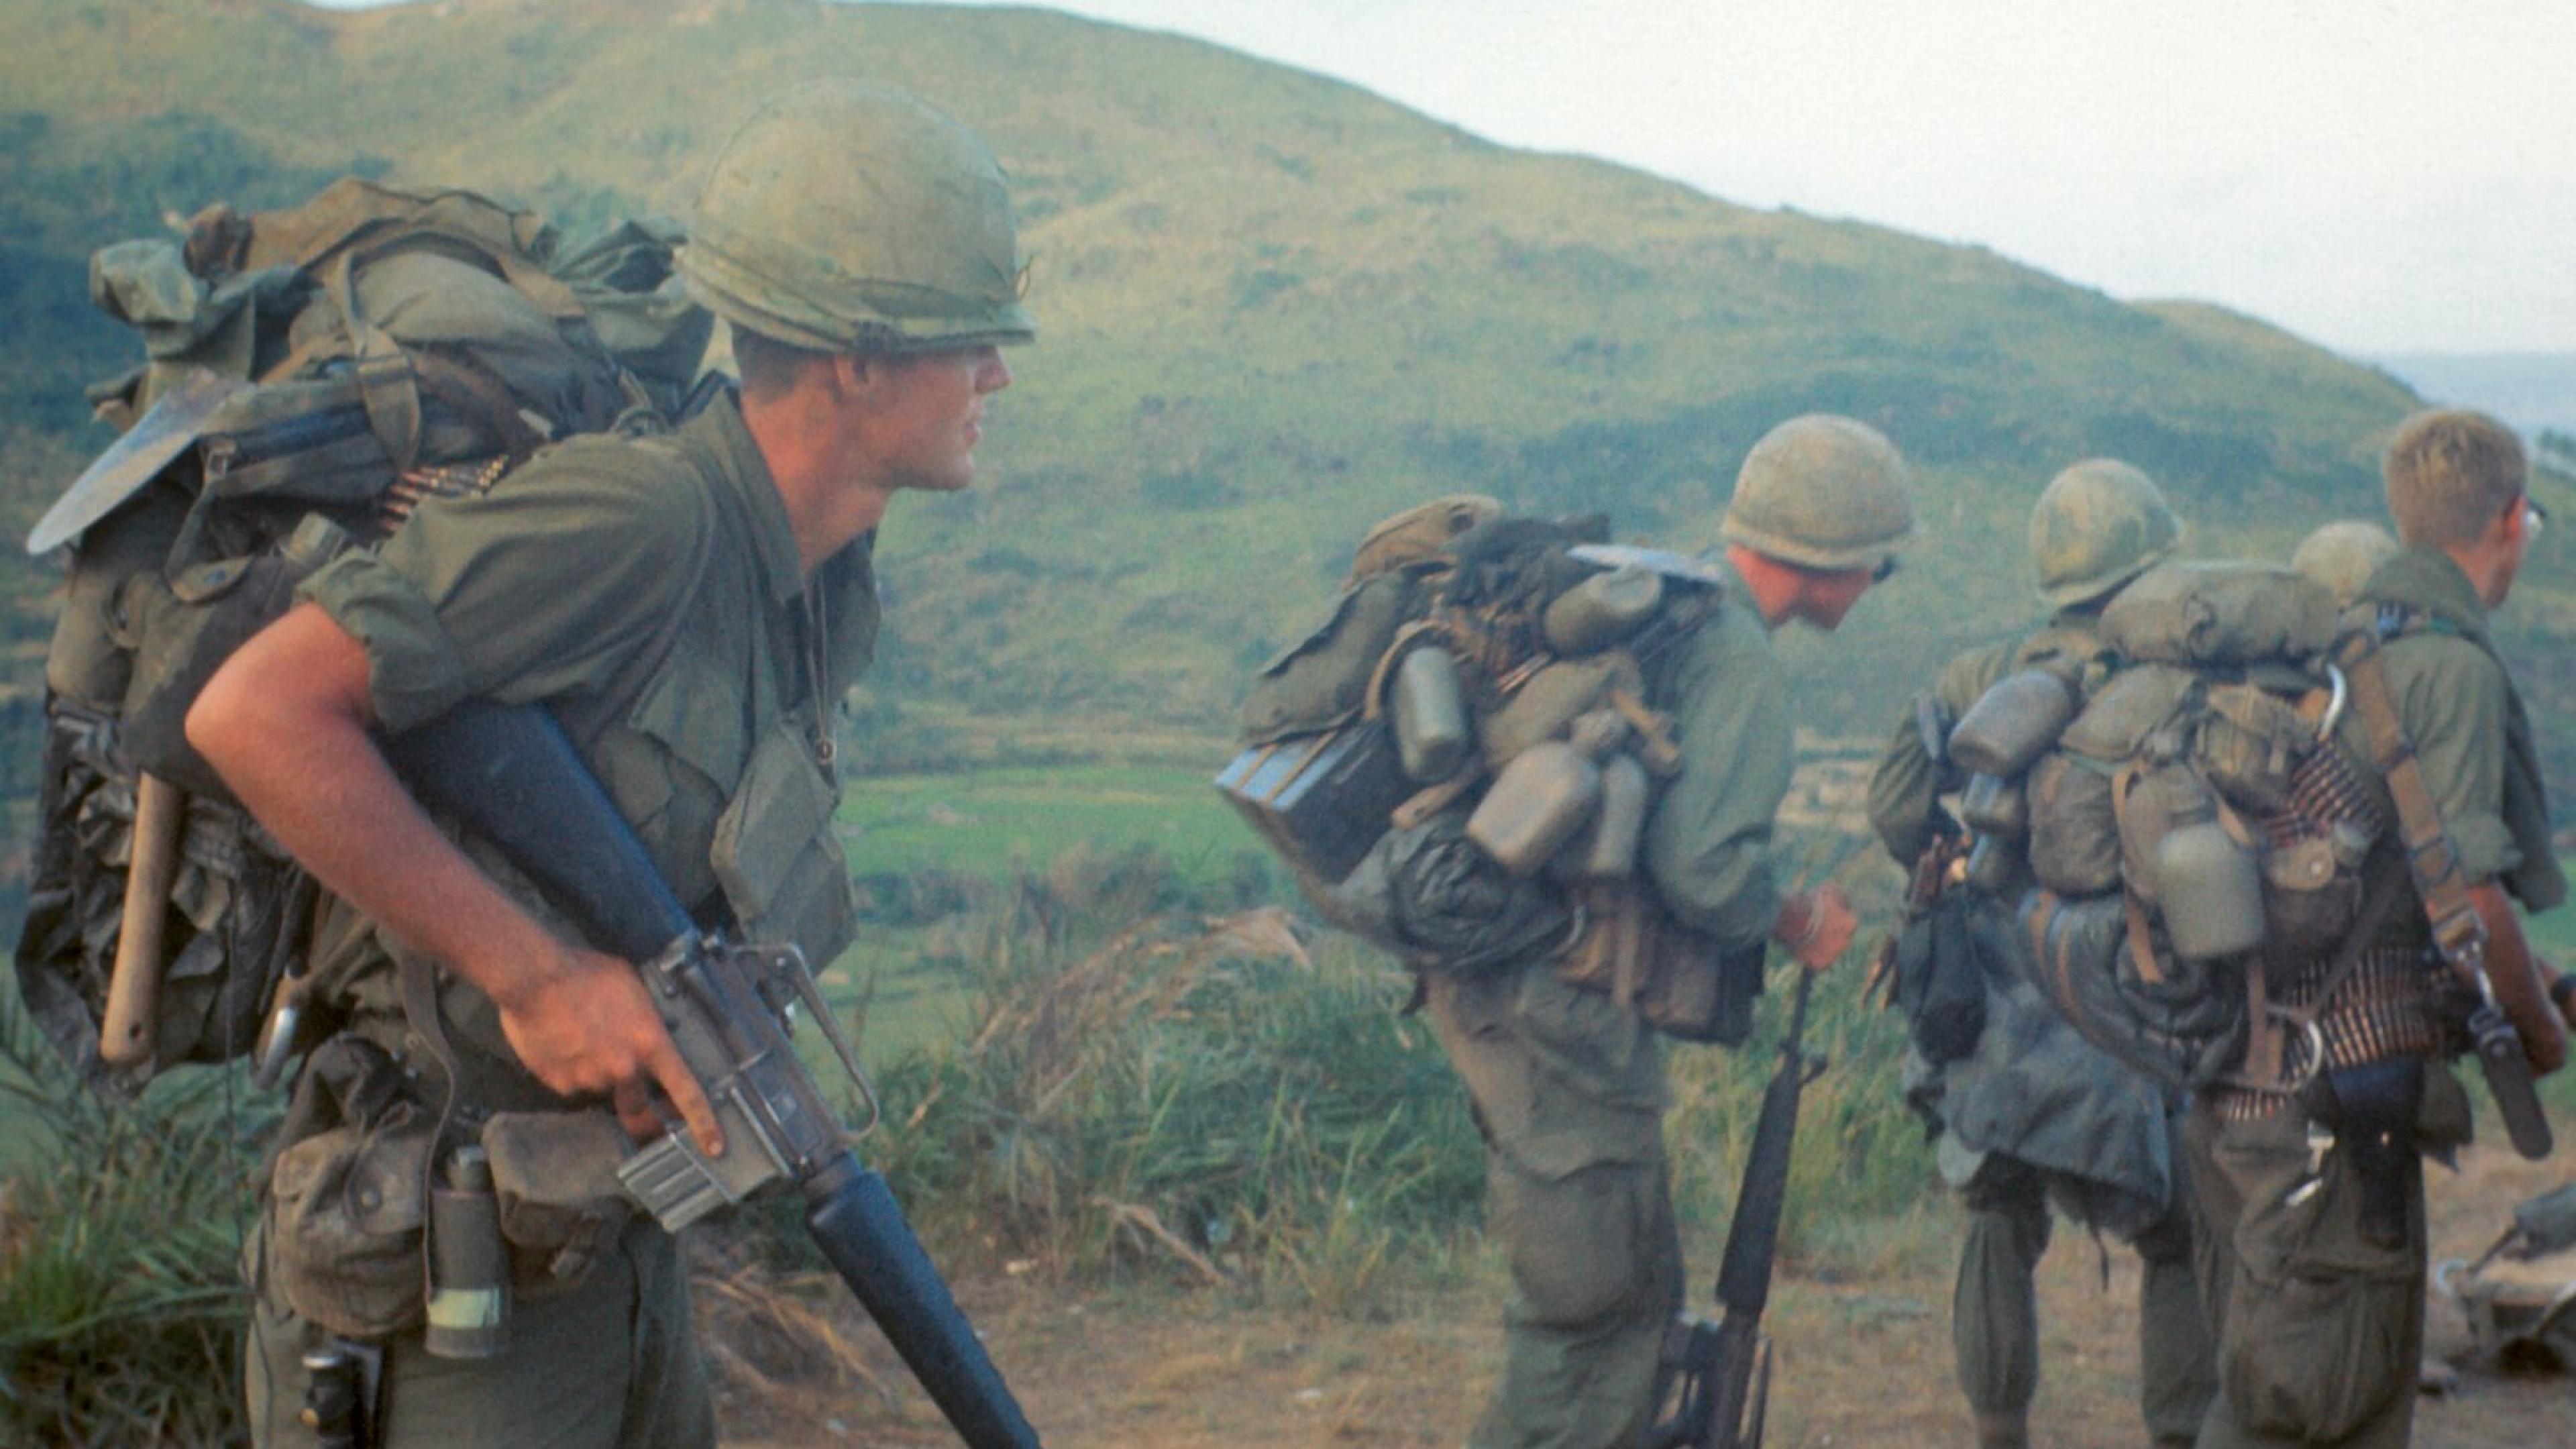 Vietnam War Wallpaper 50 images 3840x2160